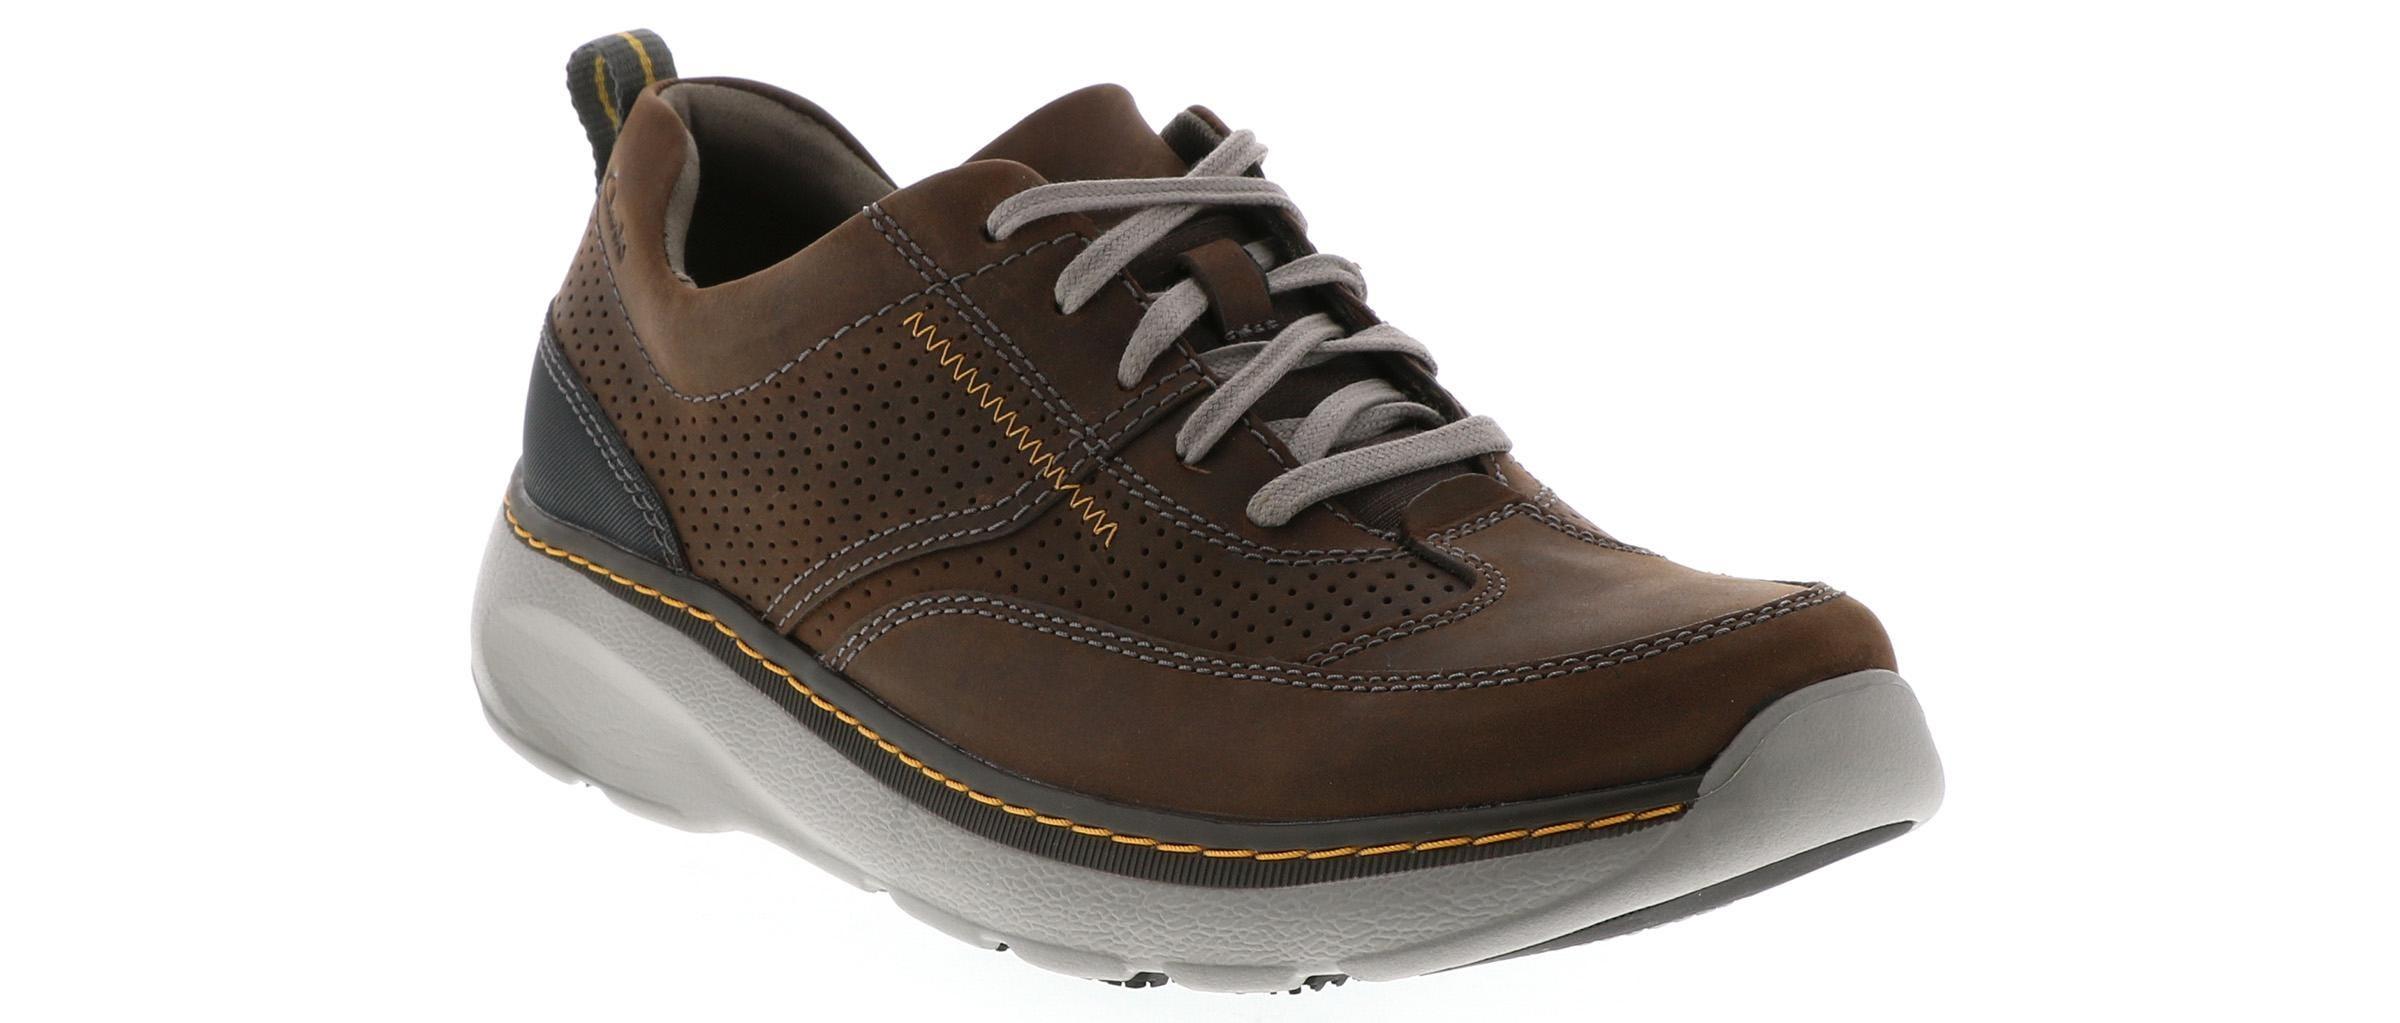 Clarks Mens Charton Mix Shoe Select SZ//Color.